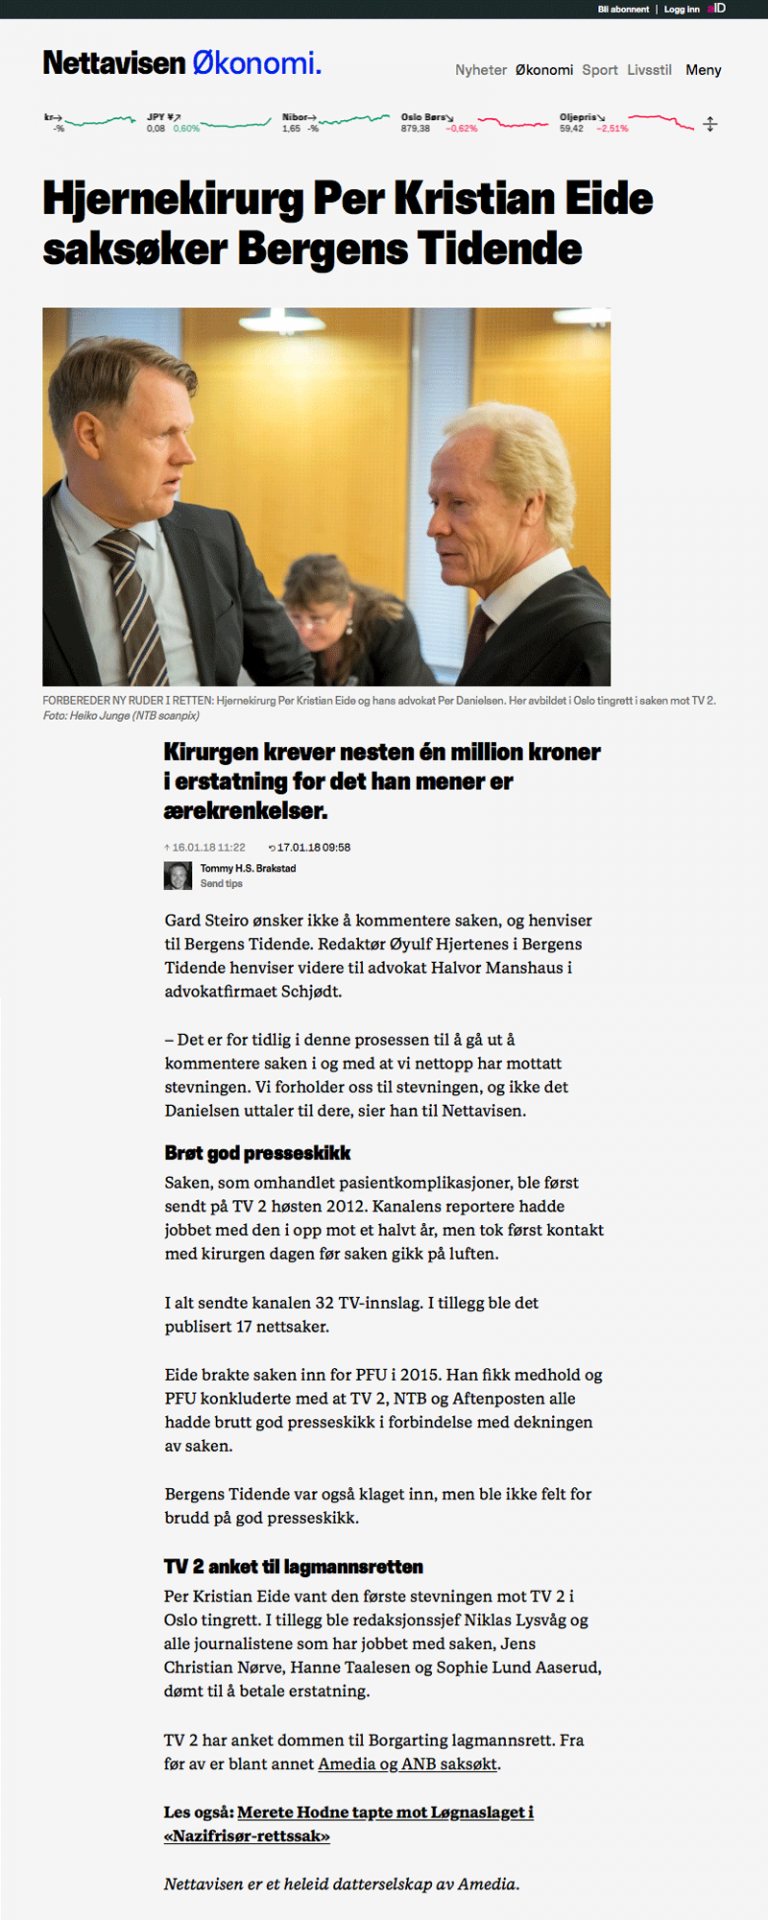 Ærekrenkelse Hjernekirurg saksøker Bergens Tidene. Advokat Danielsen & Co. Per Danielsen. Advokat i Oslo.